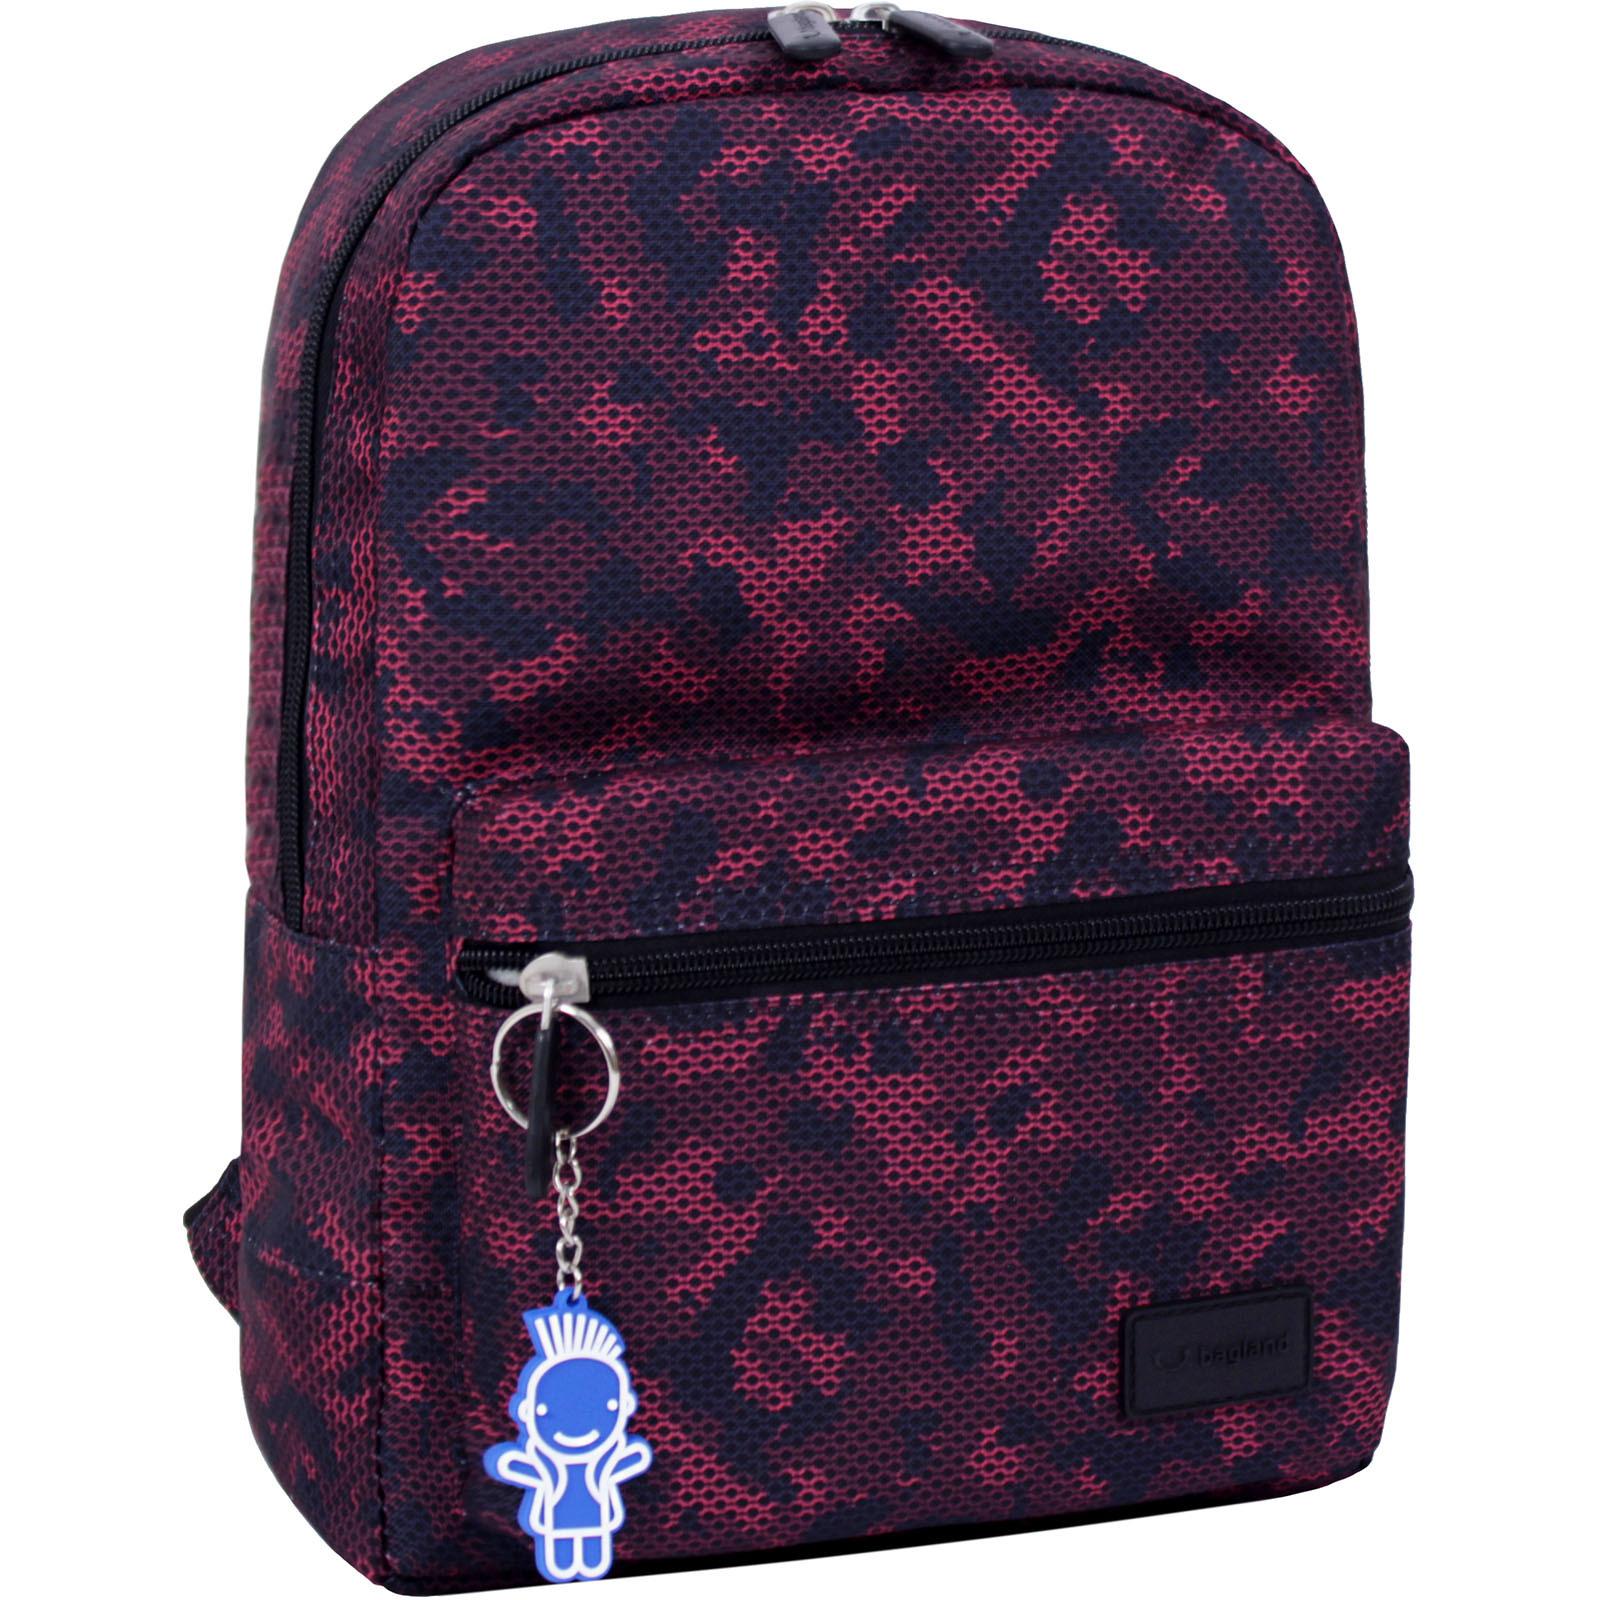 Детские рюкзаки Рюкзак Bagland Молодежный mini 8 л. сублимация (466) (00508664) IMG_3711_суб.466_.JPG